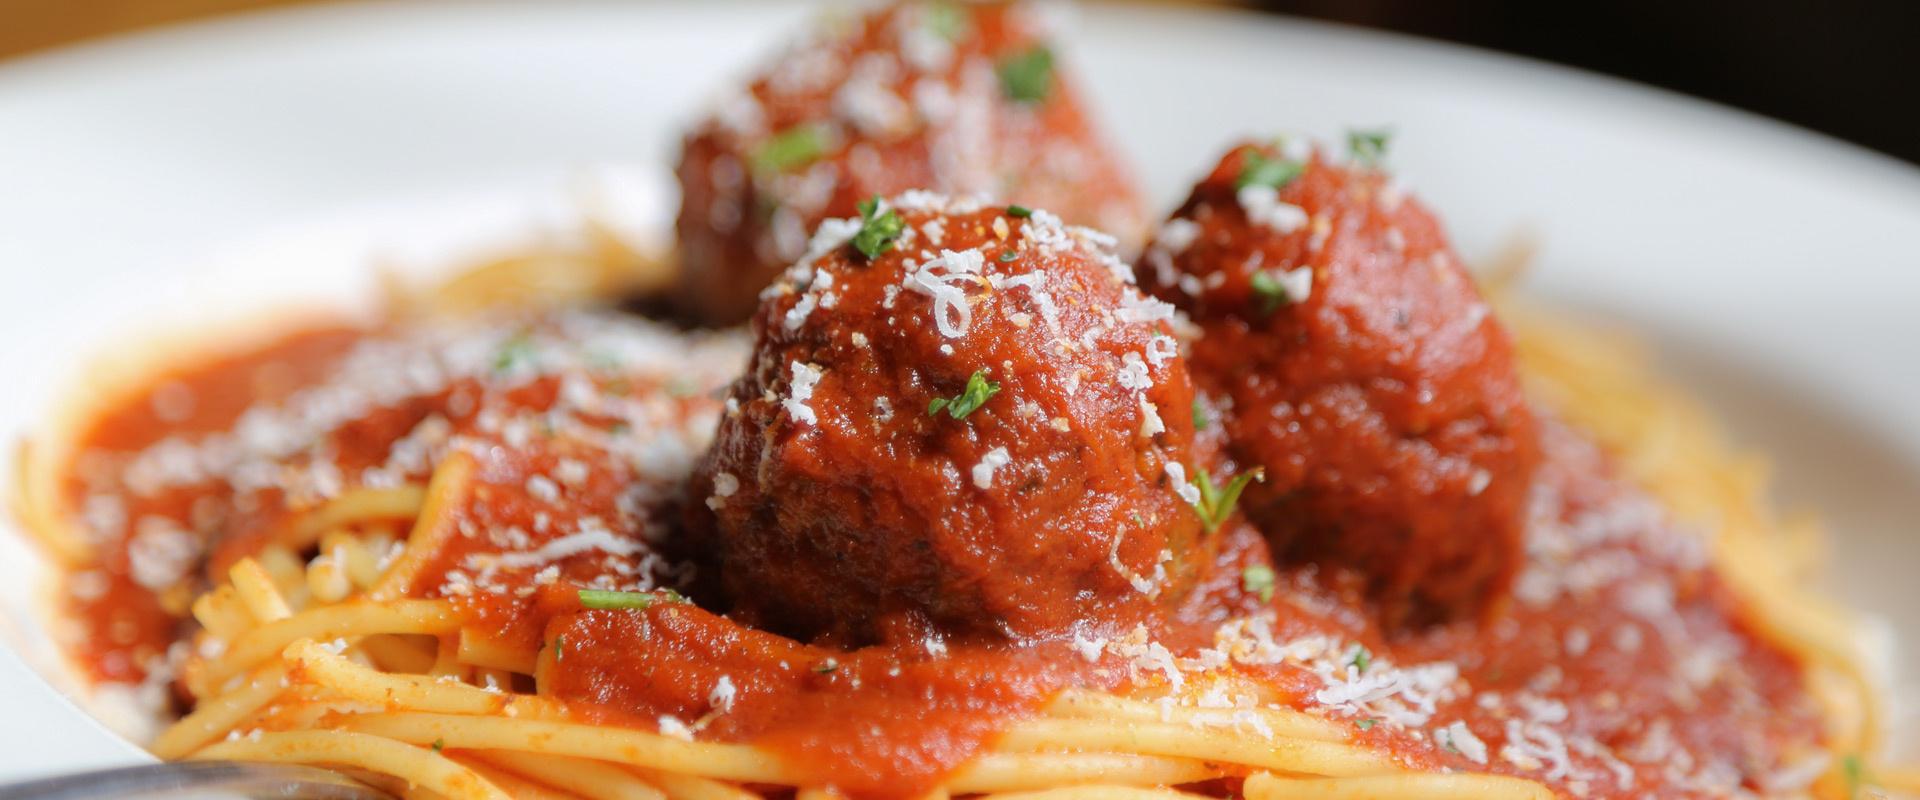 húsgombócosspagetti2